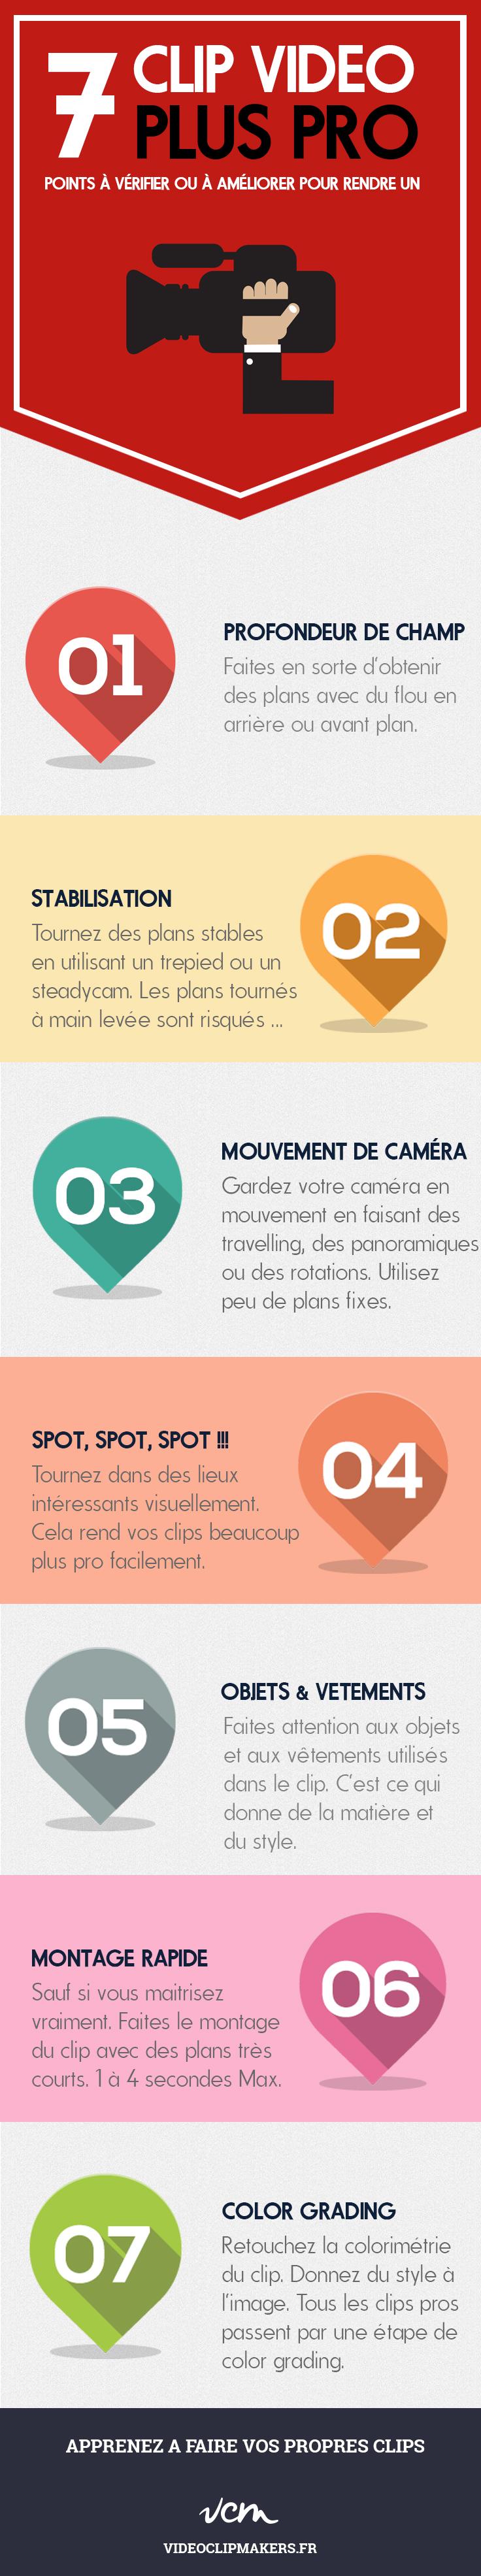 infographie expliquant quelques points a verifier pour rendre un clip video plus pro